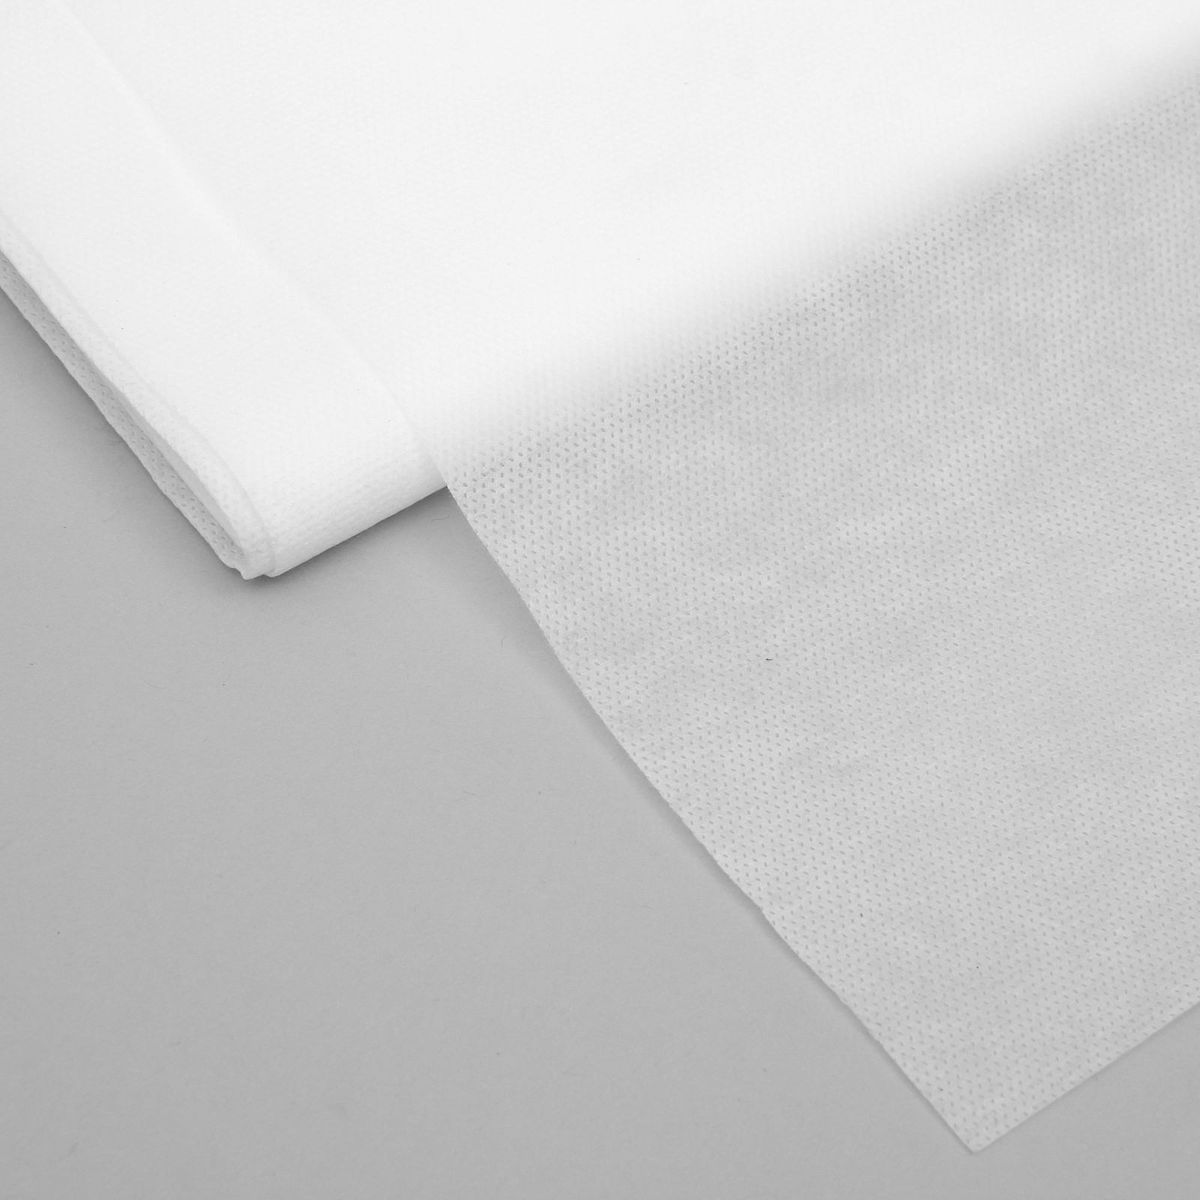 Материал укрывной Агротекс, цвет: белый, 5 х 3,2 м. 20750912075091Многофункциональность, надежность и высокое качество - вот отличительные черты укрывного материала Агротекс. Укрывной материал можно использовать на грядках. Благодаря специально разработанной текстуре он обеспечит надежную защиту даже самых ранних побегов от: -заморозков; -солнечных ожогов; -холодной росы; -дождей; -птиц и грызунов. Материал создает мягкий, комфортный микроклимат, который способствует росту и развитию рассады. Благодаря новейшим разработкам укрывной материал удерживает влагу, и растения реже нуждаются в поливе. Ближе к зиме опытные садоводы укутывают им стволы деревьев, теплицы и грядки, чтобы исключить промерзание земли и корневой системы. Материал Агротекс поможет вам ускорить процесс созревания растений, повысит урожайность, сэкономит средства и силы по уходу за садом.Плотность: 42 г/м2.